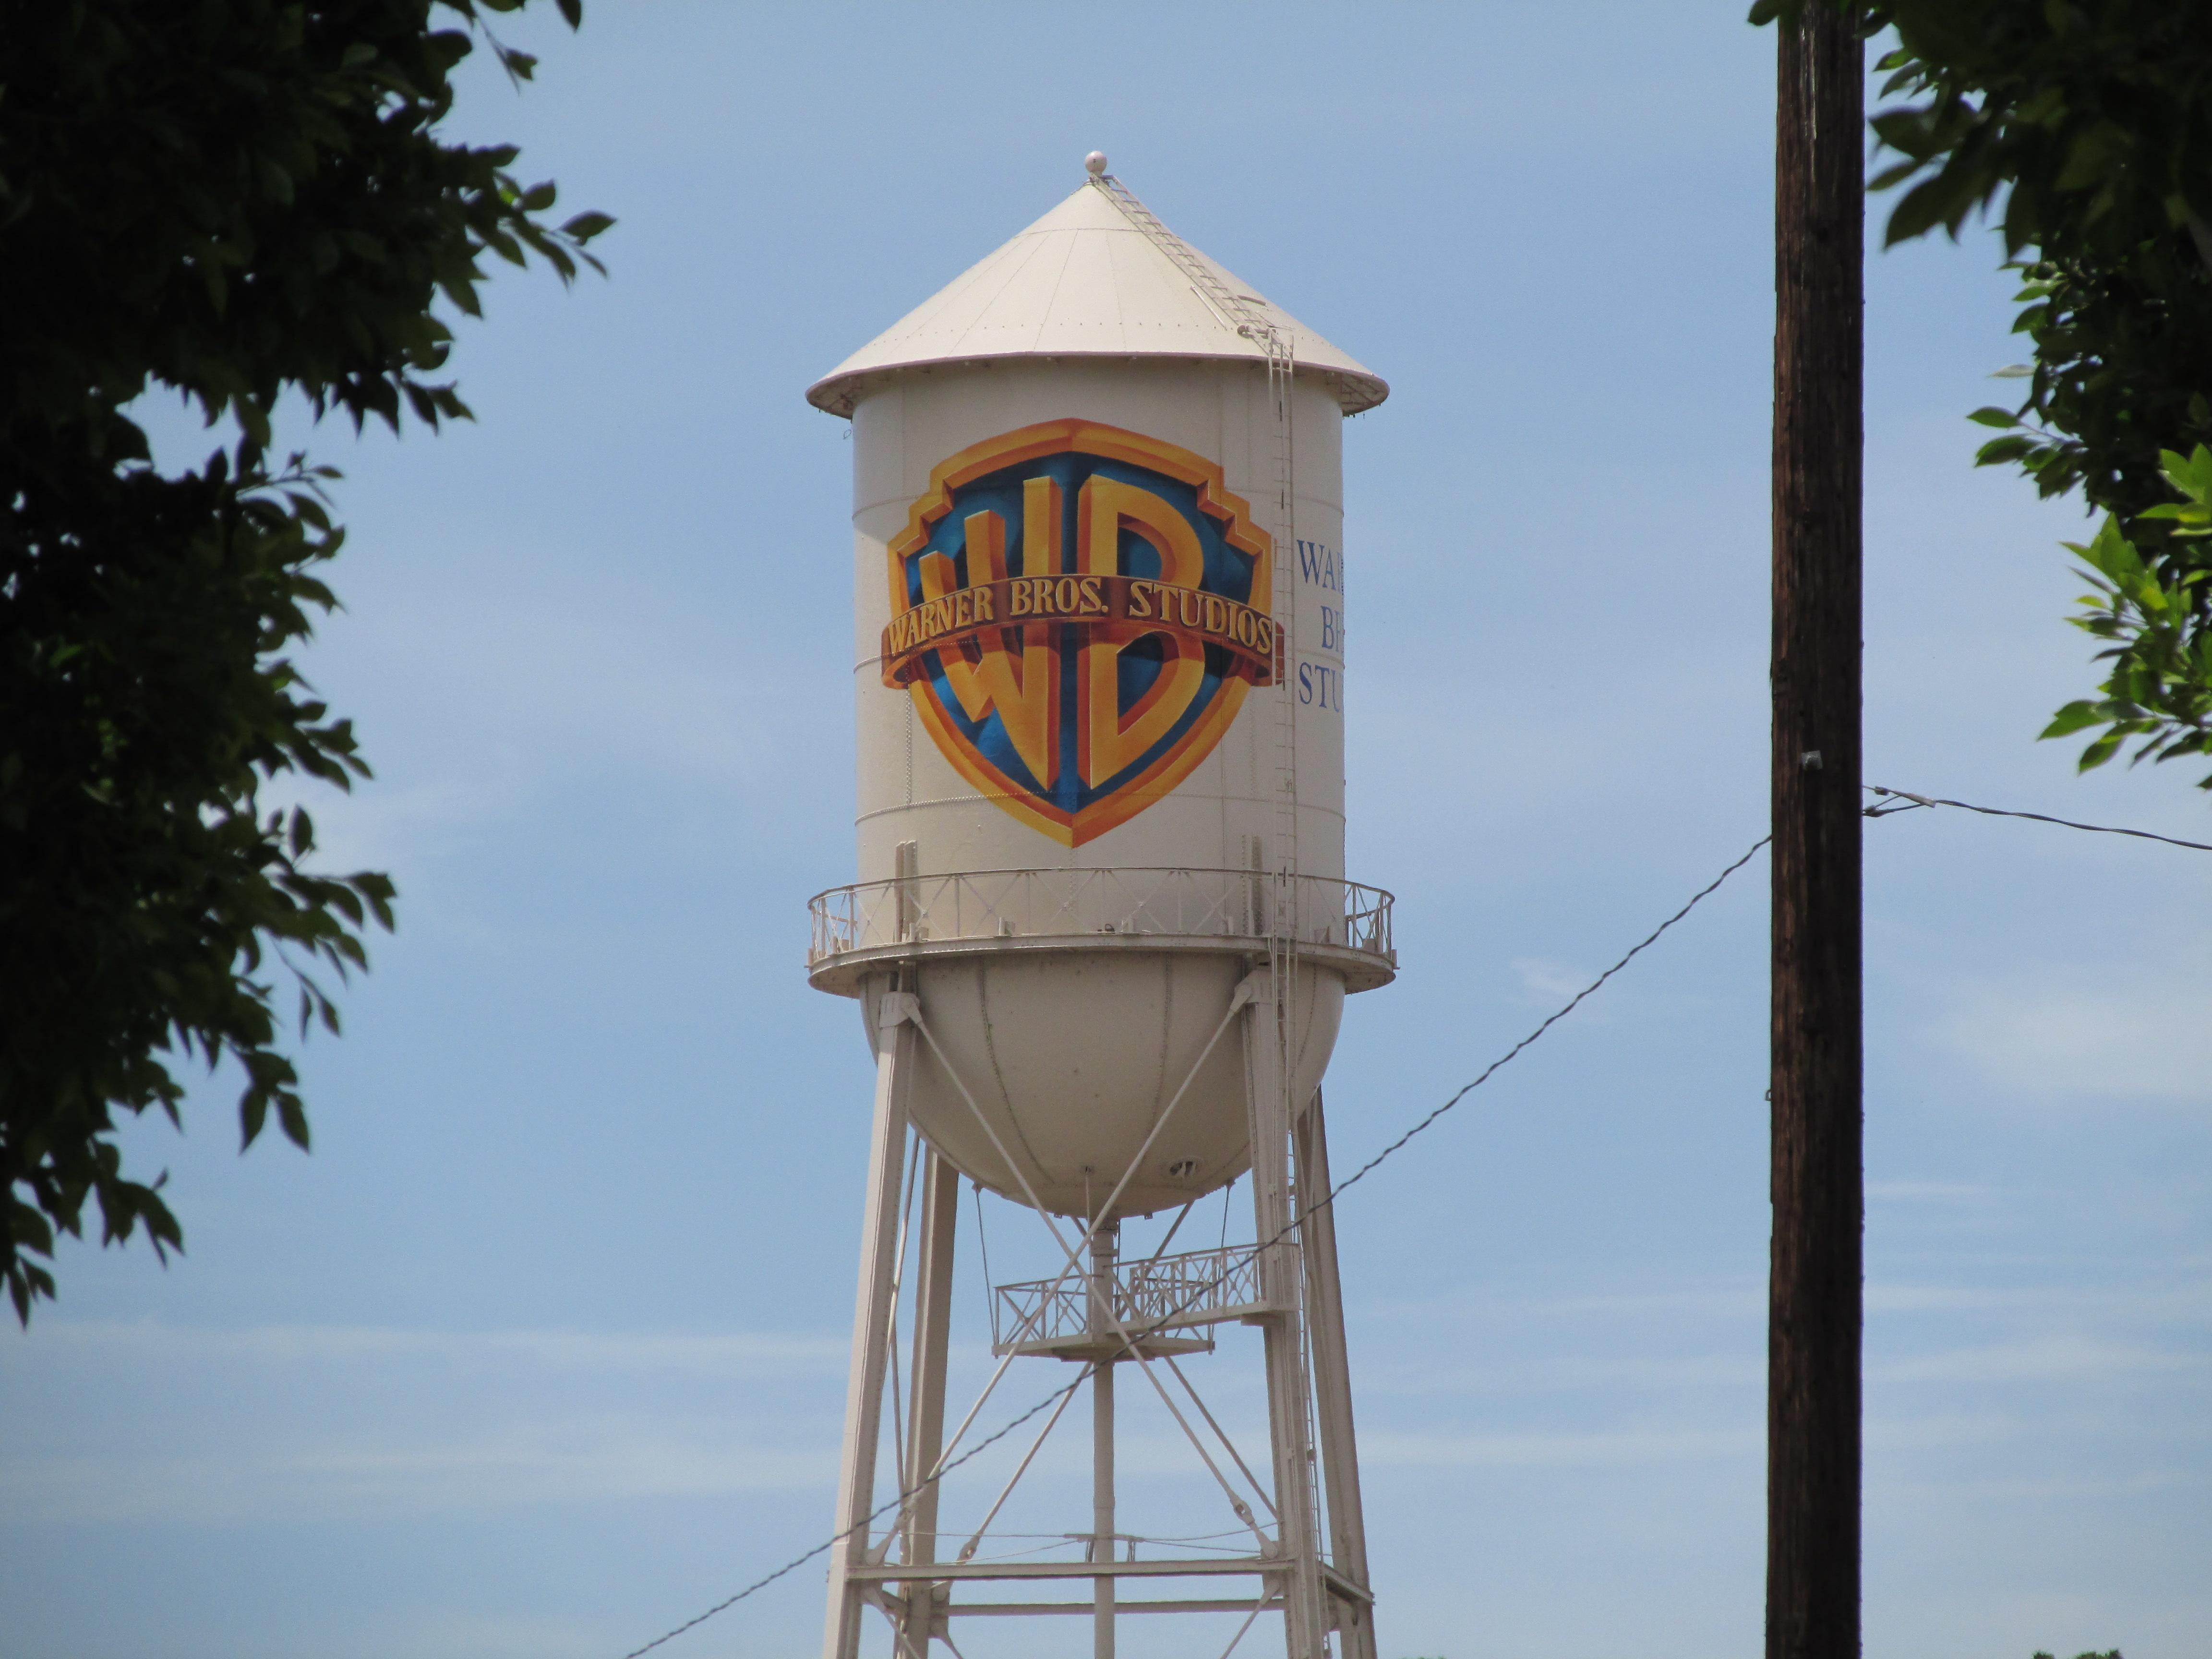 img 0918 - Visita a los estudios Warner Bros. de Los Angeles